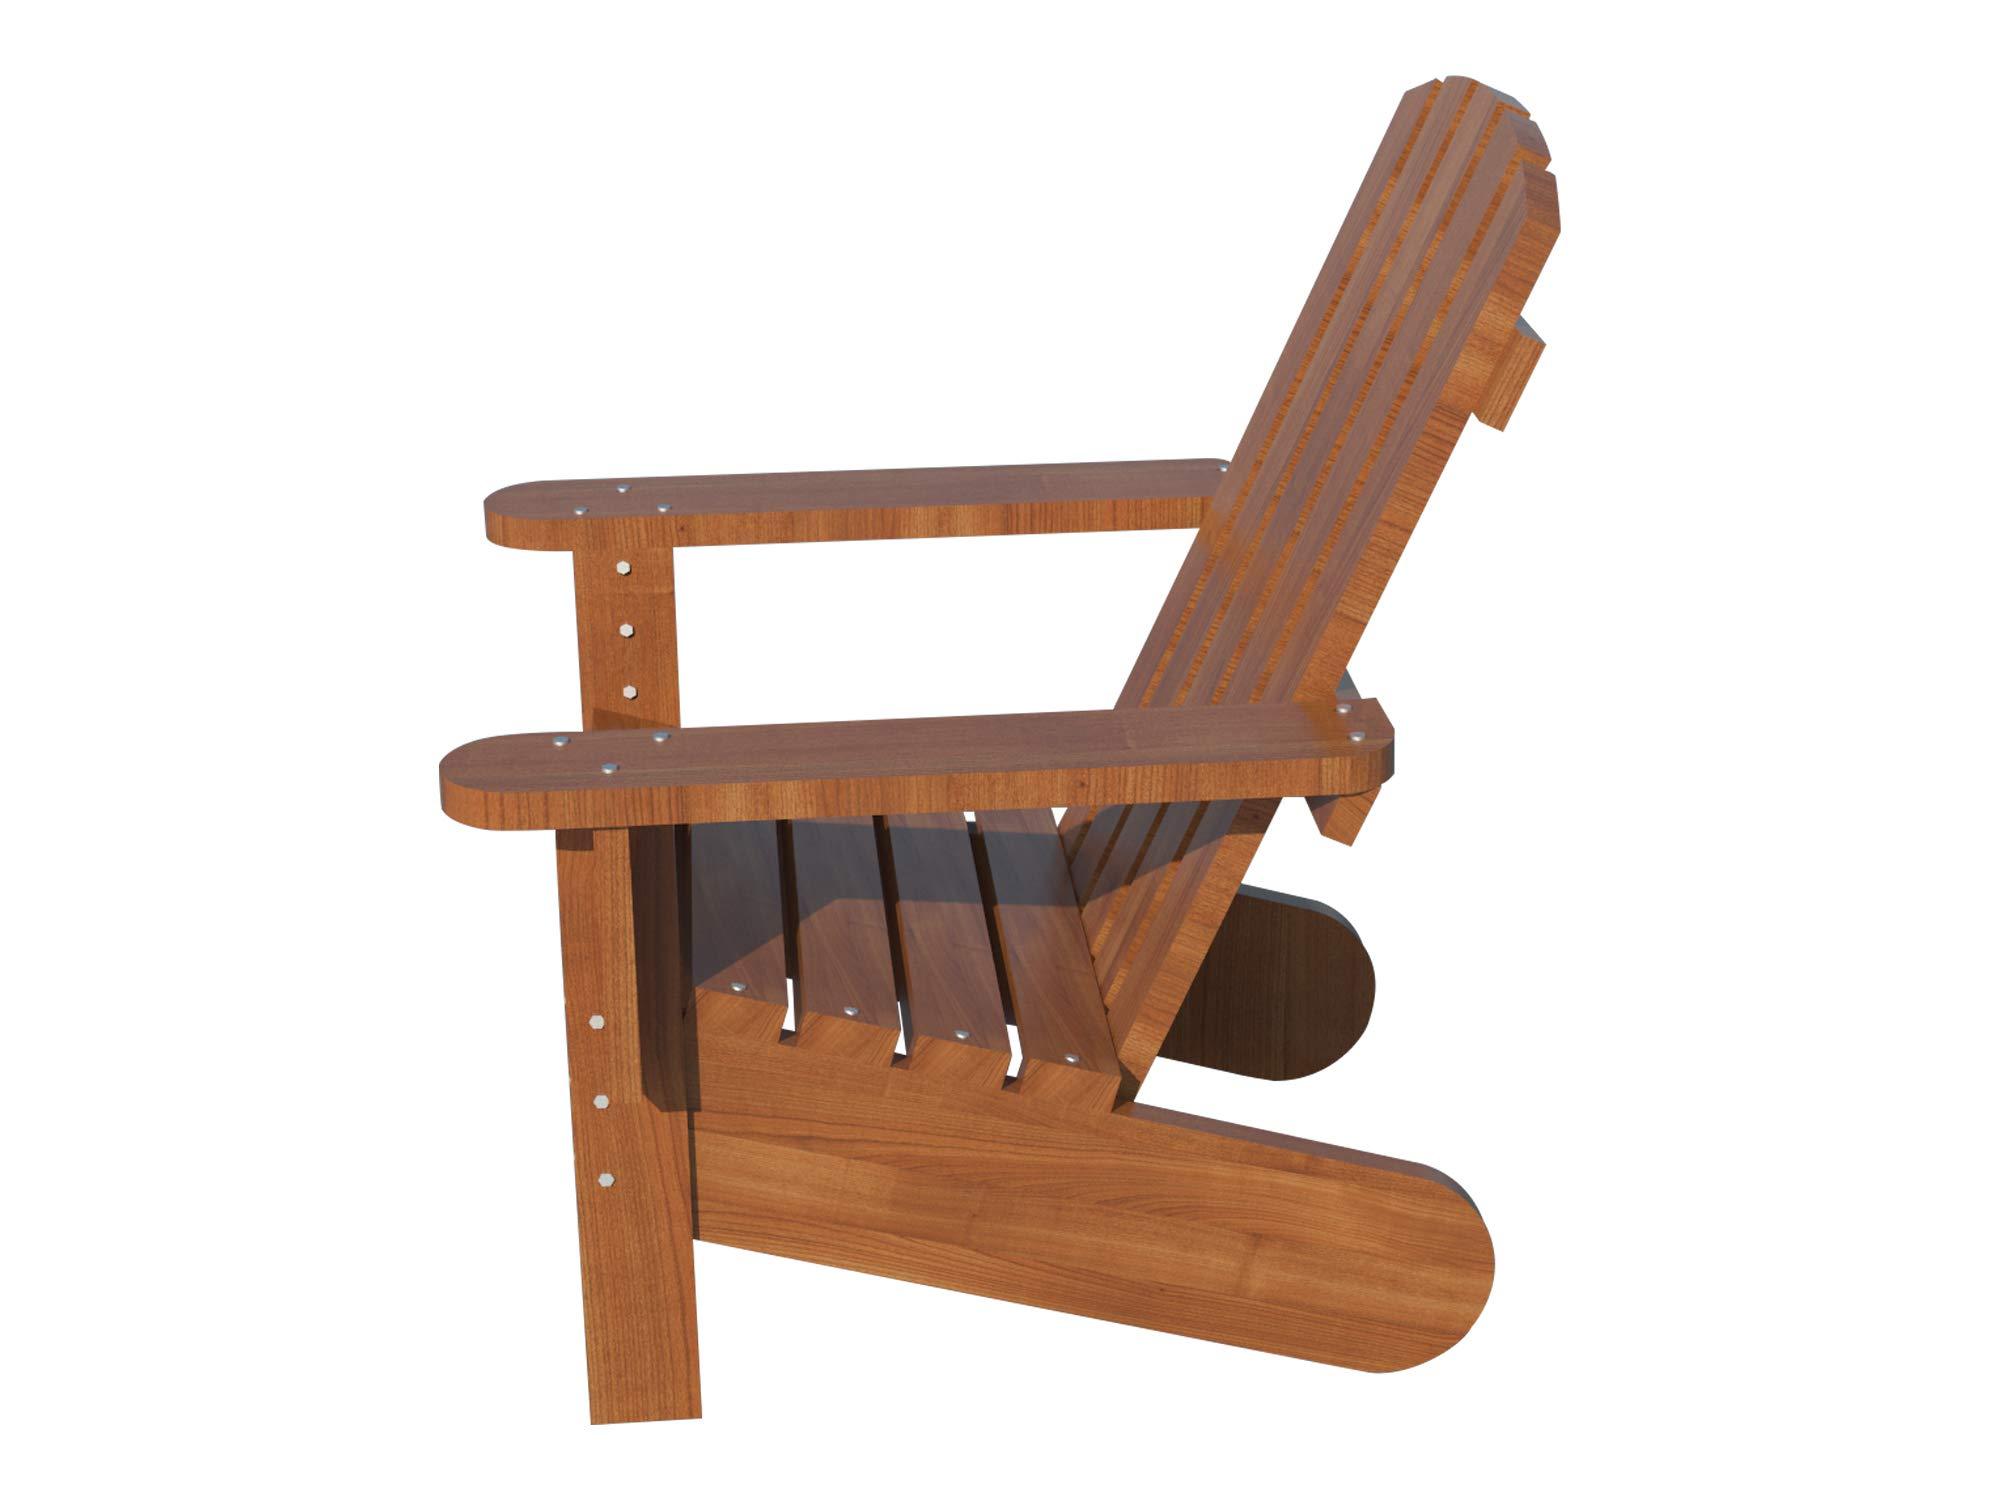 DIY Plans Store Banqueta para sillas de Exterior de Madera para jardín, jardín, Patio, jardín, etc.: Amazon.es: Jardín